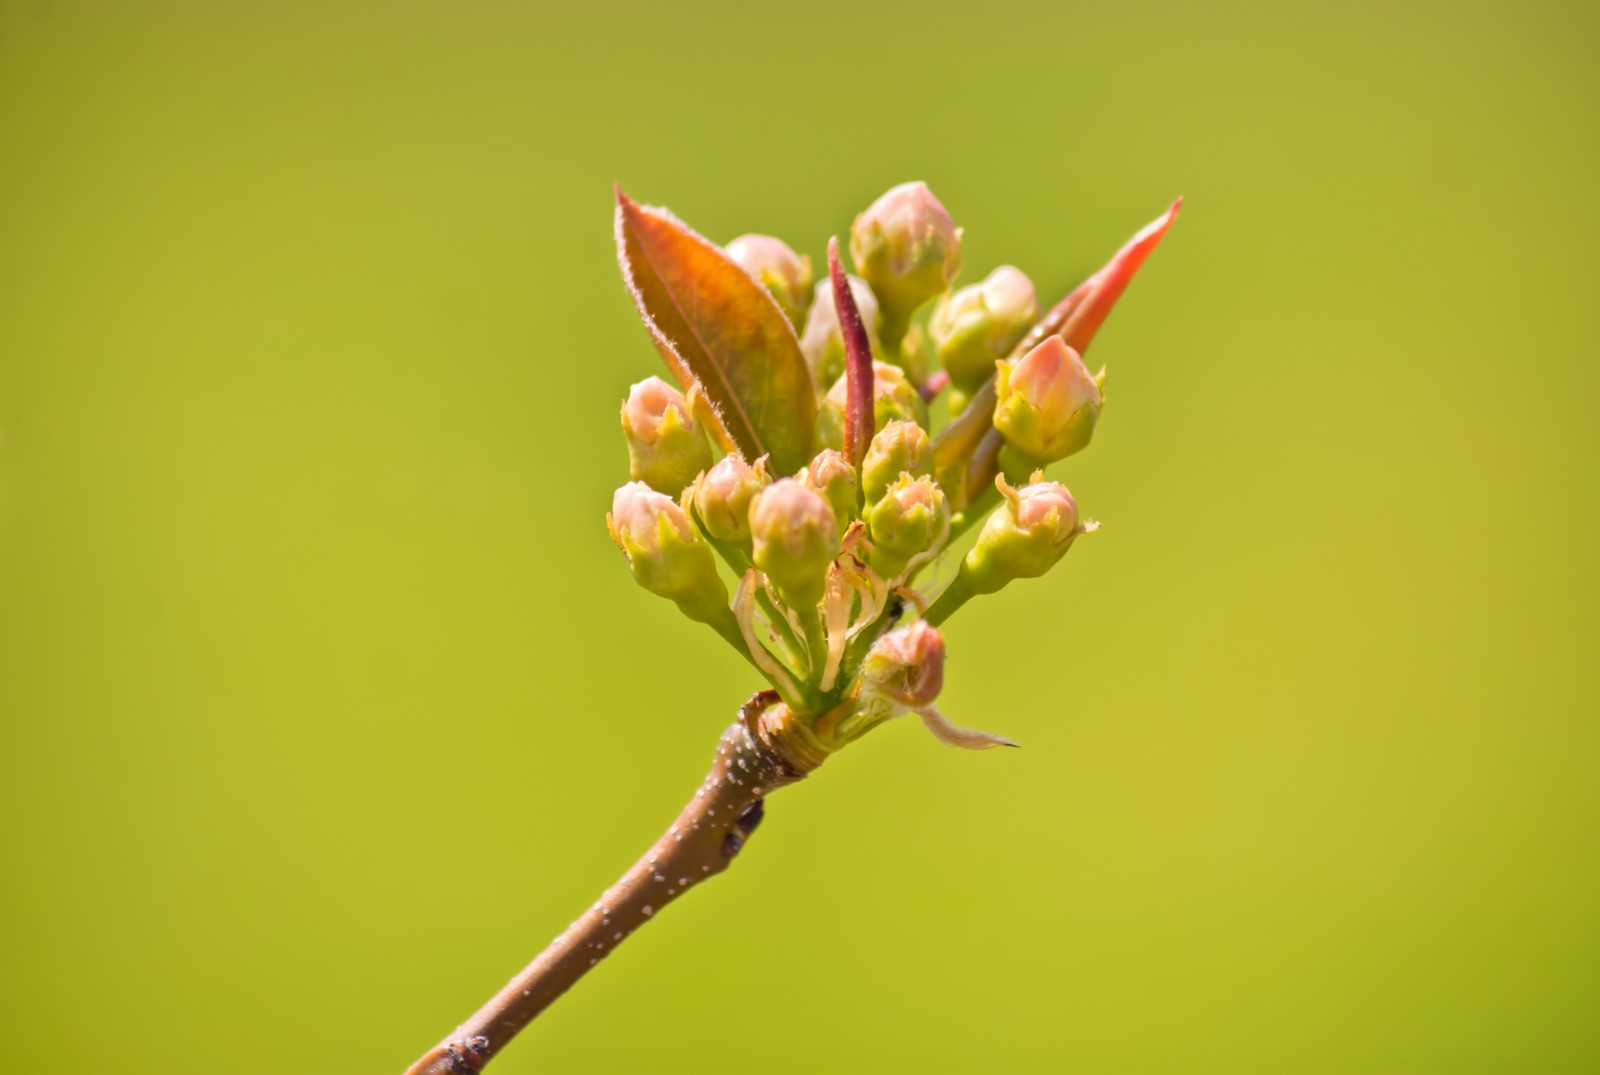 「桜のツボミ桜のツボミ」のフリー写真素材を拡大